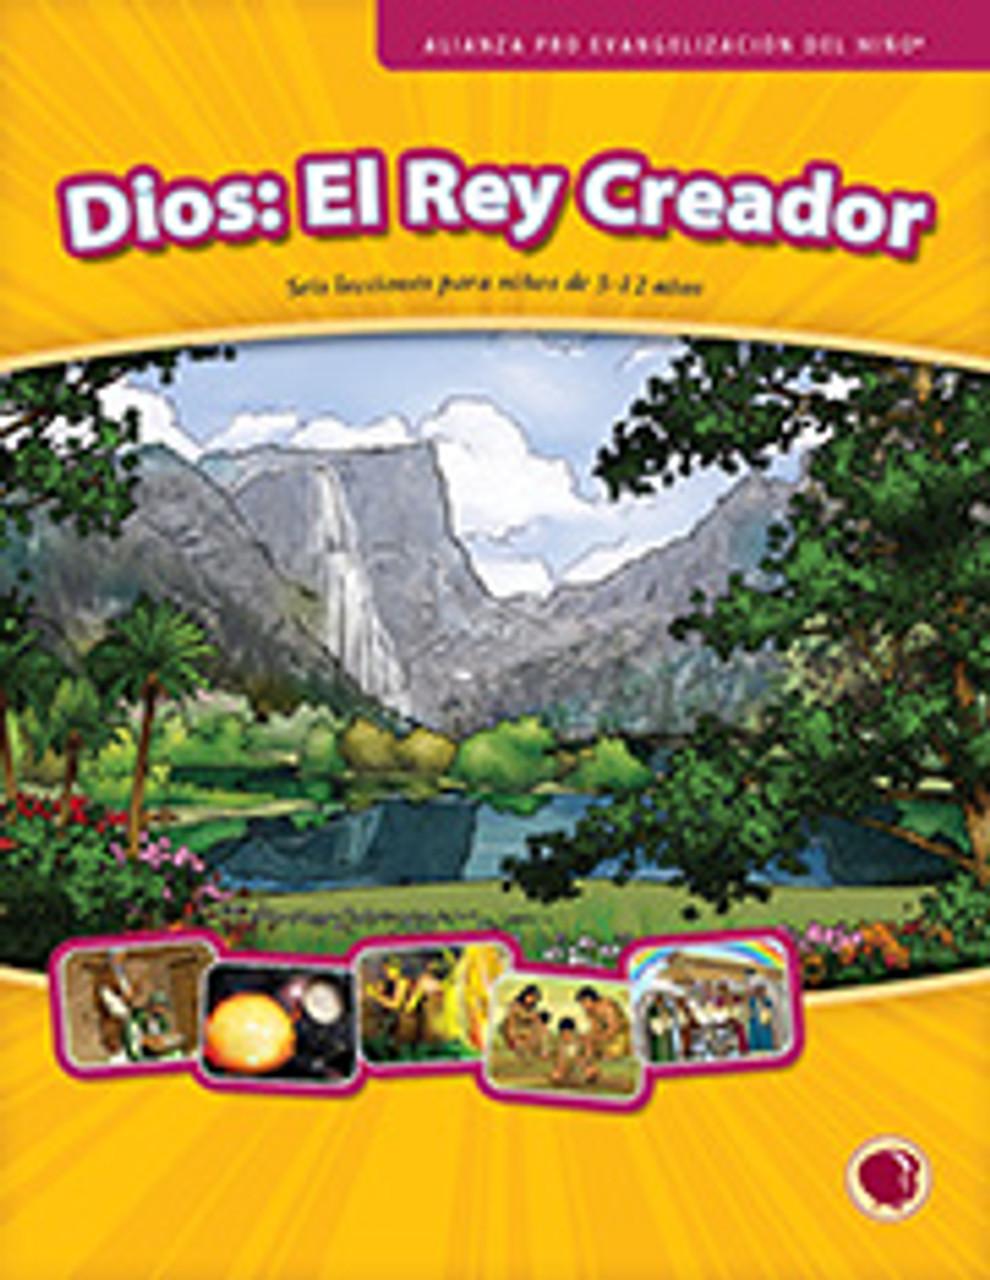 Dios: El Rey Creador 2017 (manual del maestro)